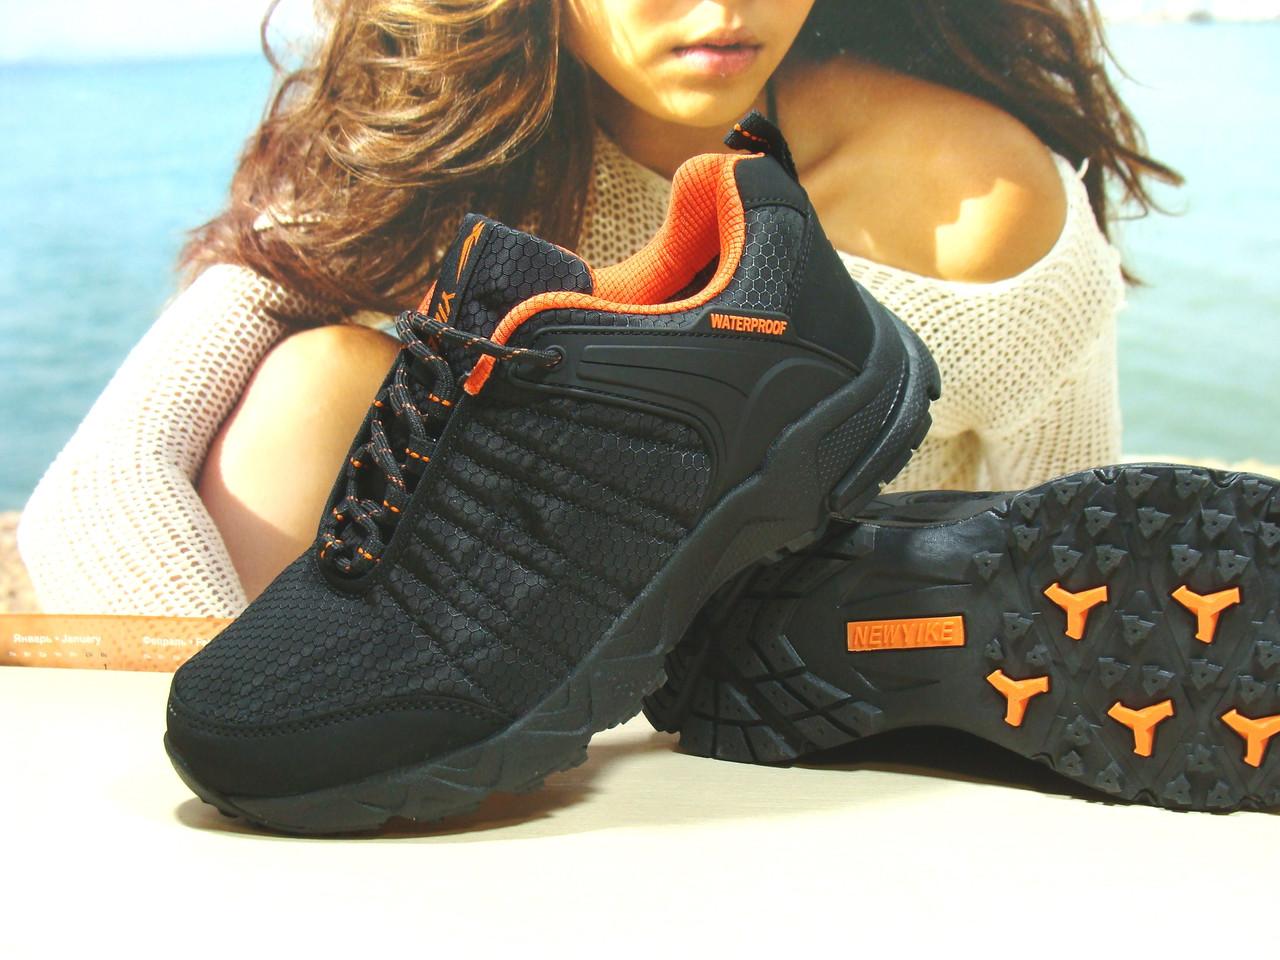 Мужские термо - кроссовки Yike waterproof черно-оранжевые 42 р.